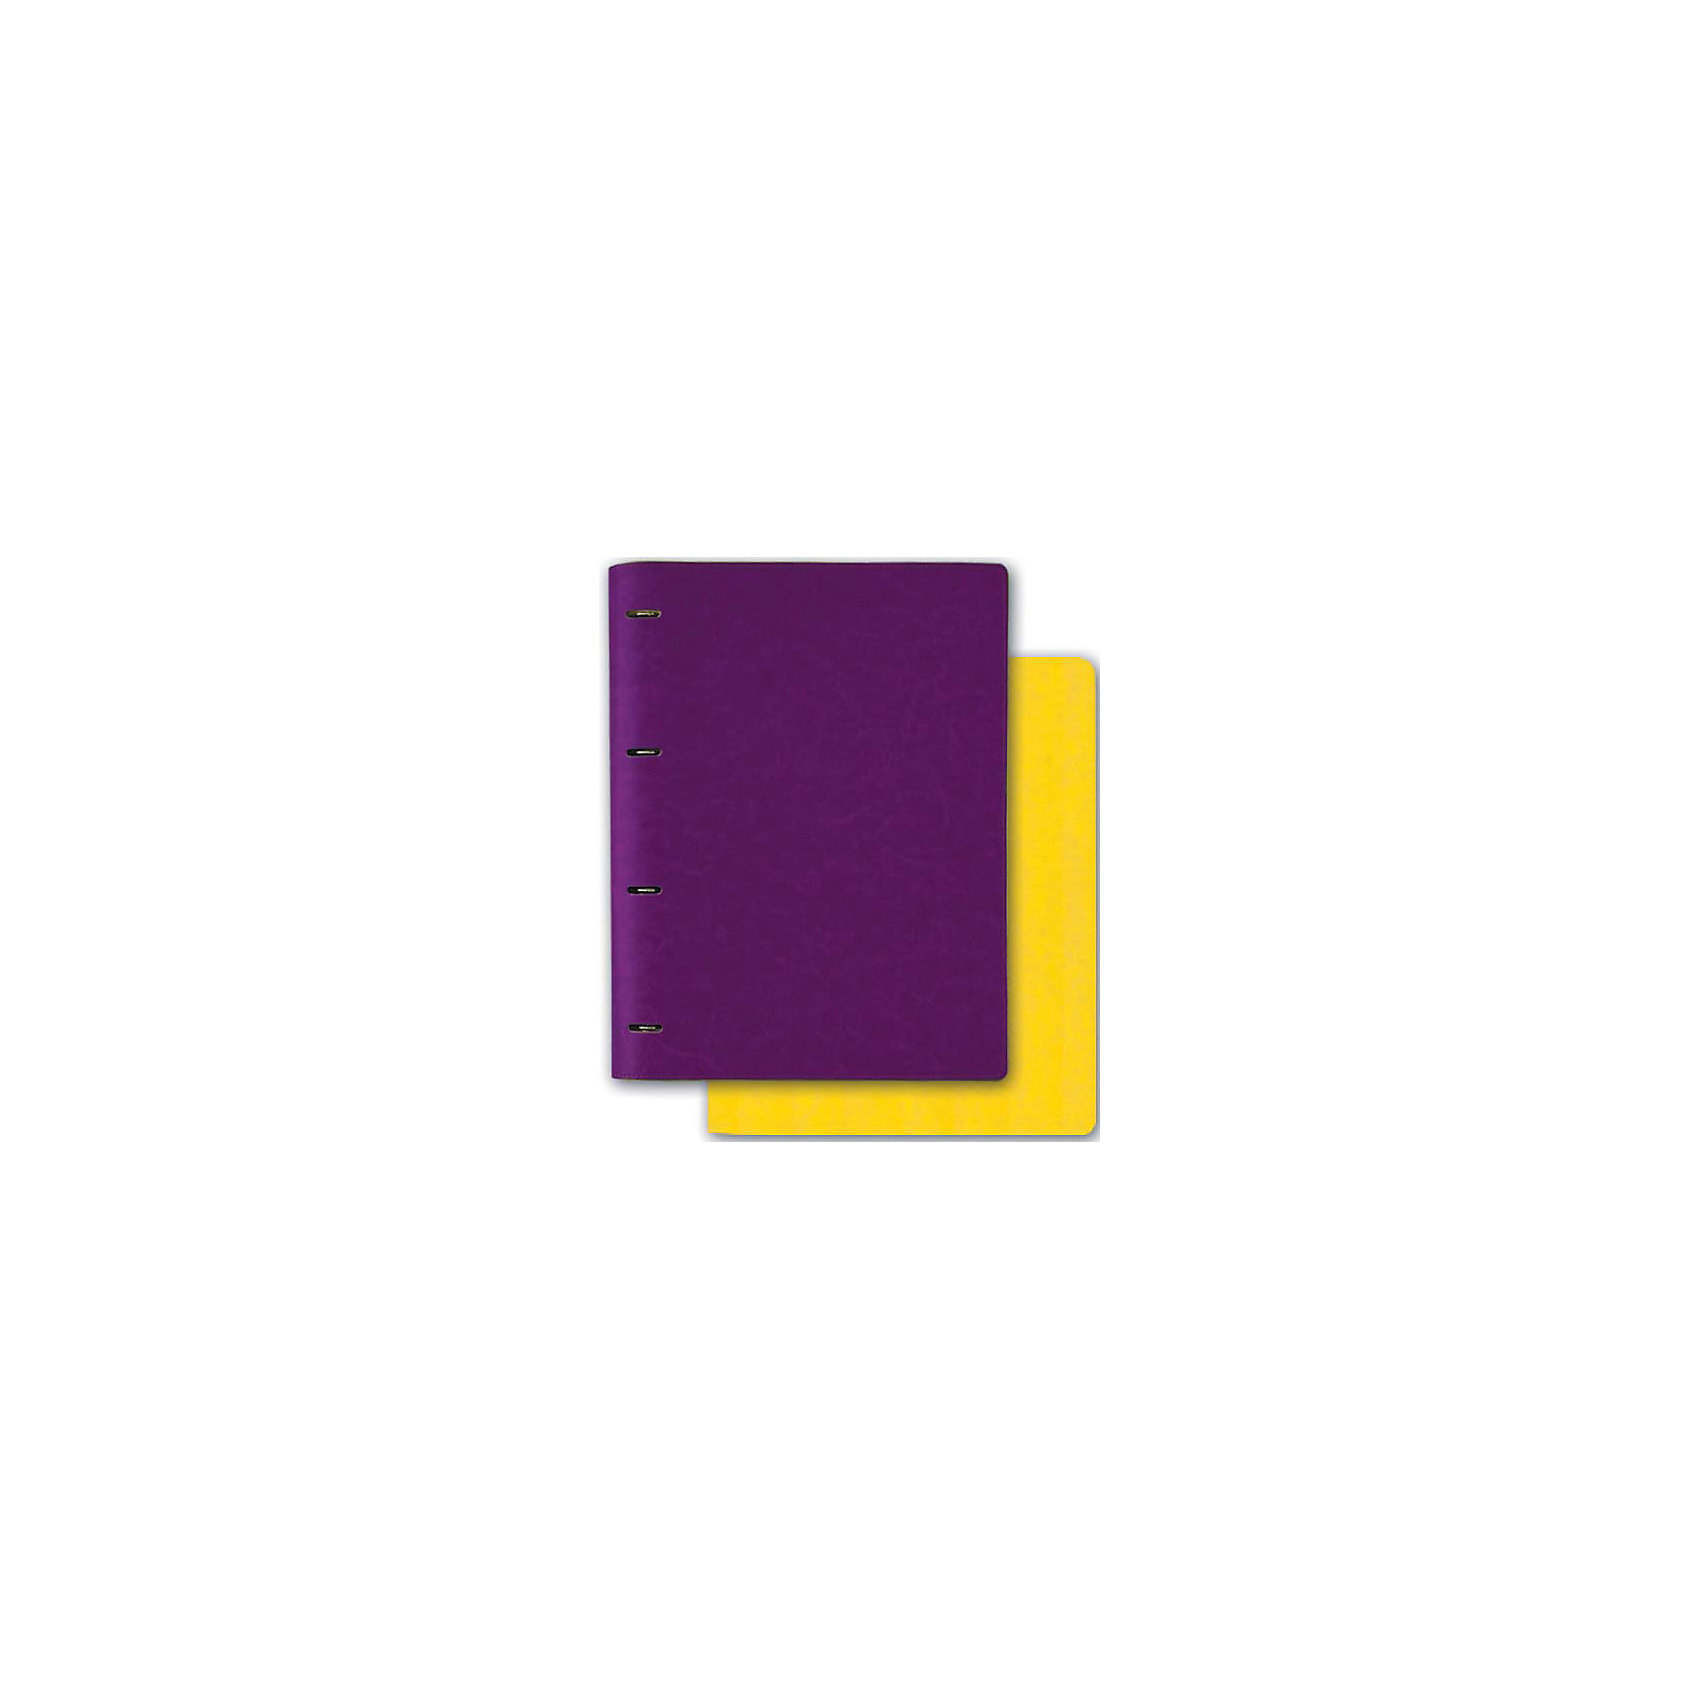 Тетрадь А4+ Феникс+, фиолетовый + желтыйБумажная продукция<br>Тетрадь Копибук ВНЕШН. ФИОЛЕТ. +ВНУТР. ЖЕЛТЫЙ (А4+, 230х300 мм, мяг. обл., 200 л. (осн блок 100 л.+смен. блок 100 л.), индивид. ПЭТ-упак., бел. офсет.)<br><br>Ширина мм: 300<br>Глубина мм: 235<br>Высота мм: 25<br>Вес г: 1050<br>Возраст от месяцев: 72<br>Возраст до месяцев: 2147483647<br>Пол: Унисекс<br>Возраст: Детский<br>SKU: 7046476